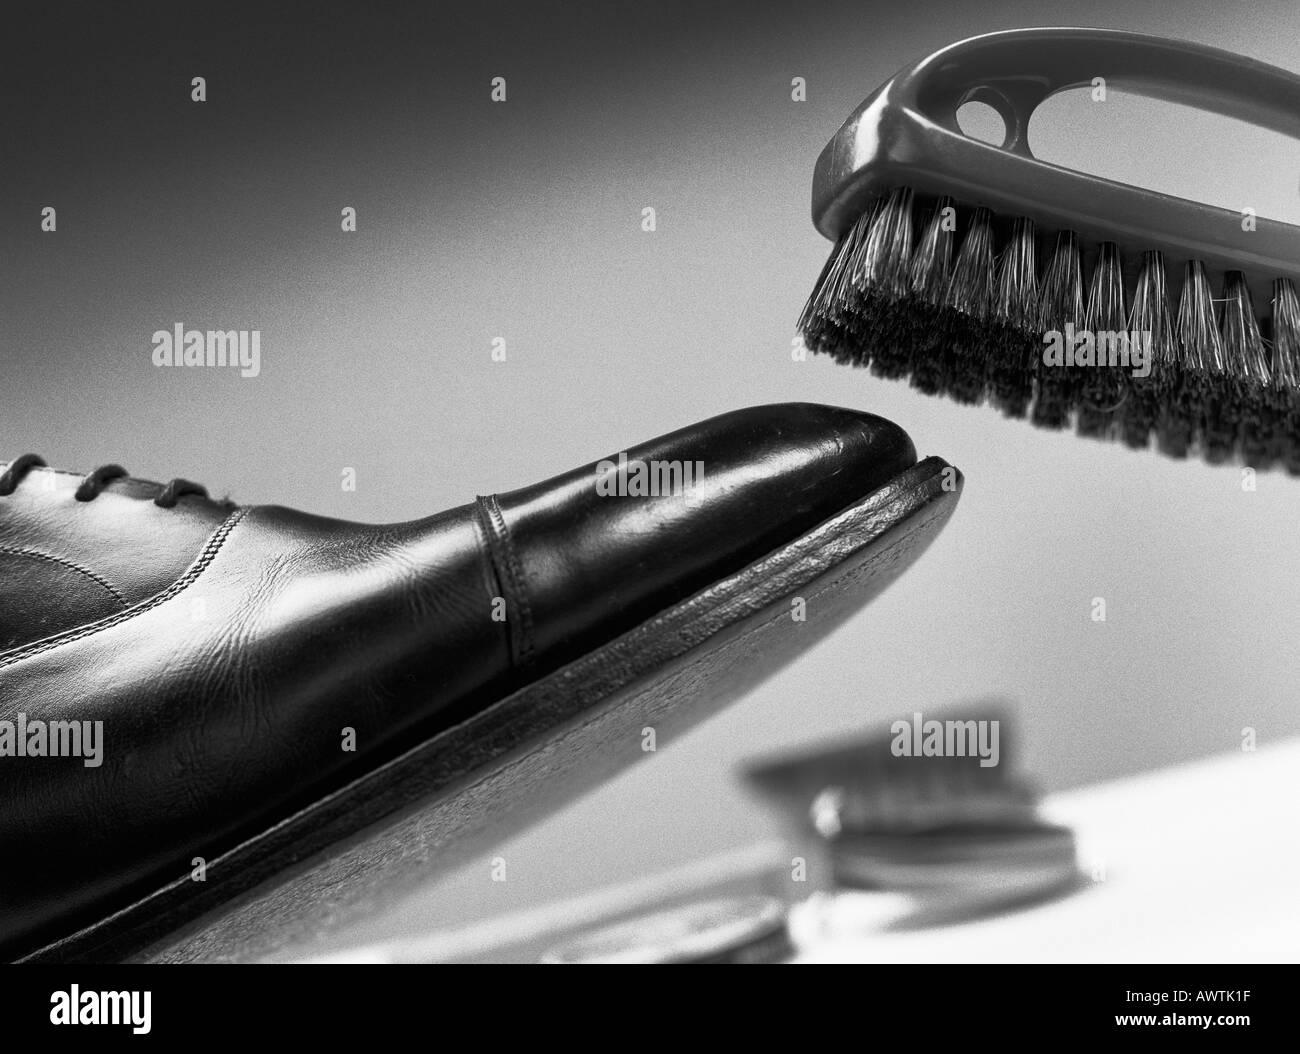 La spazzolatura calzatura in pelle, close-up Immagini Stock